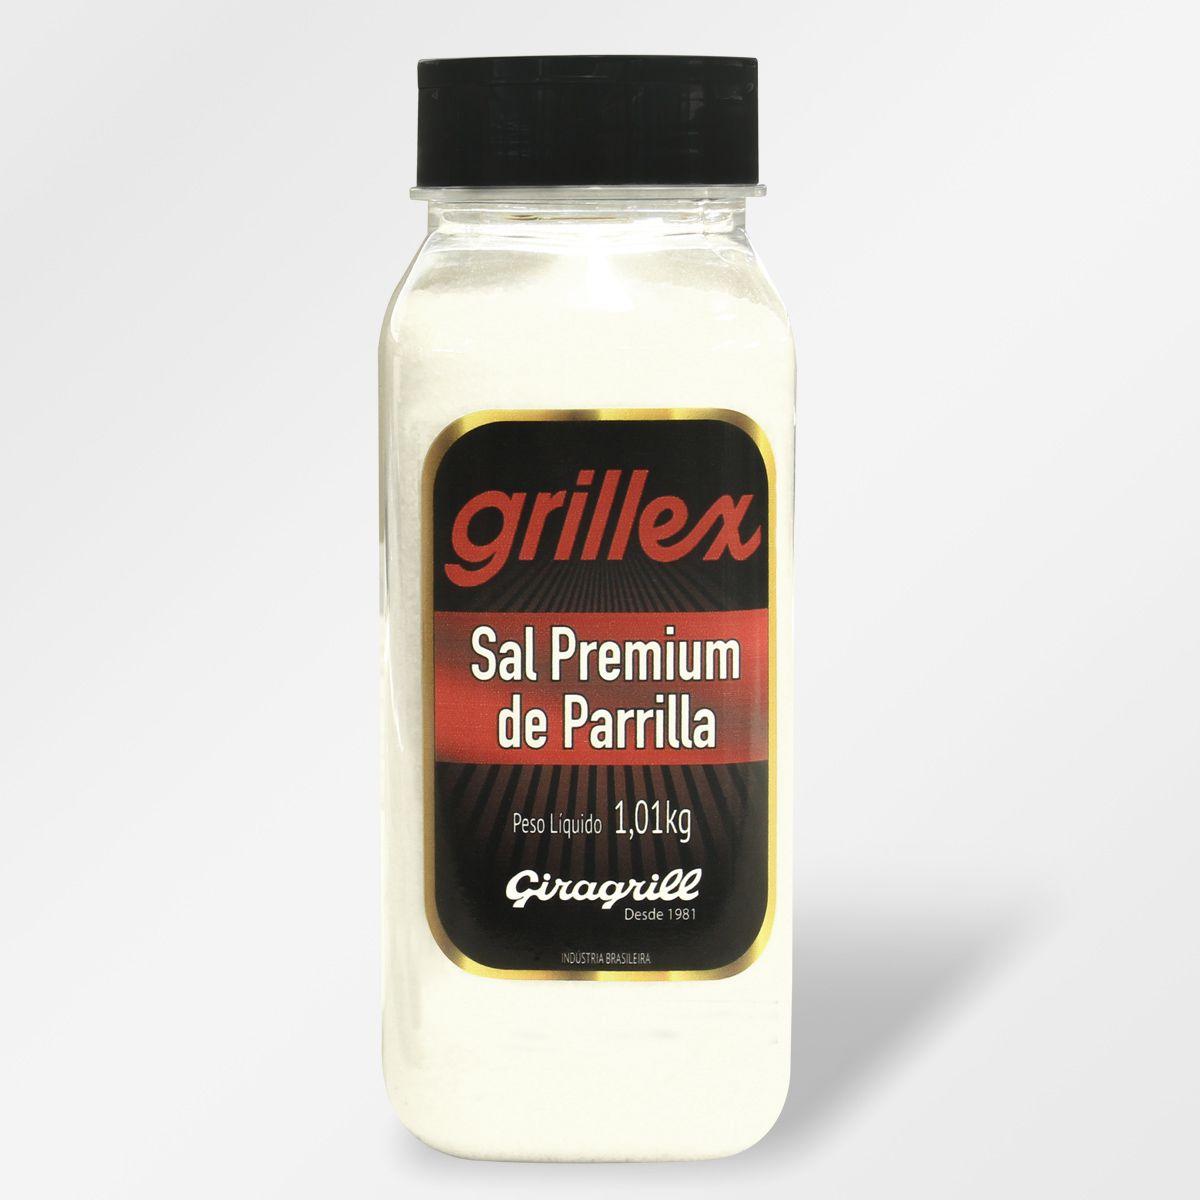 Sal Premium de Parrilla